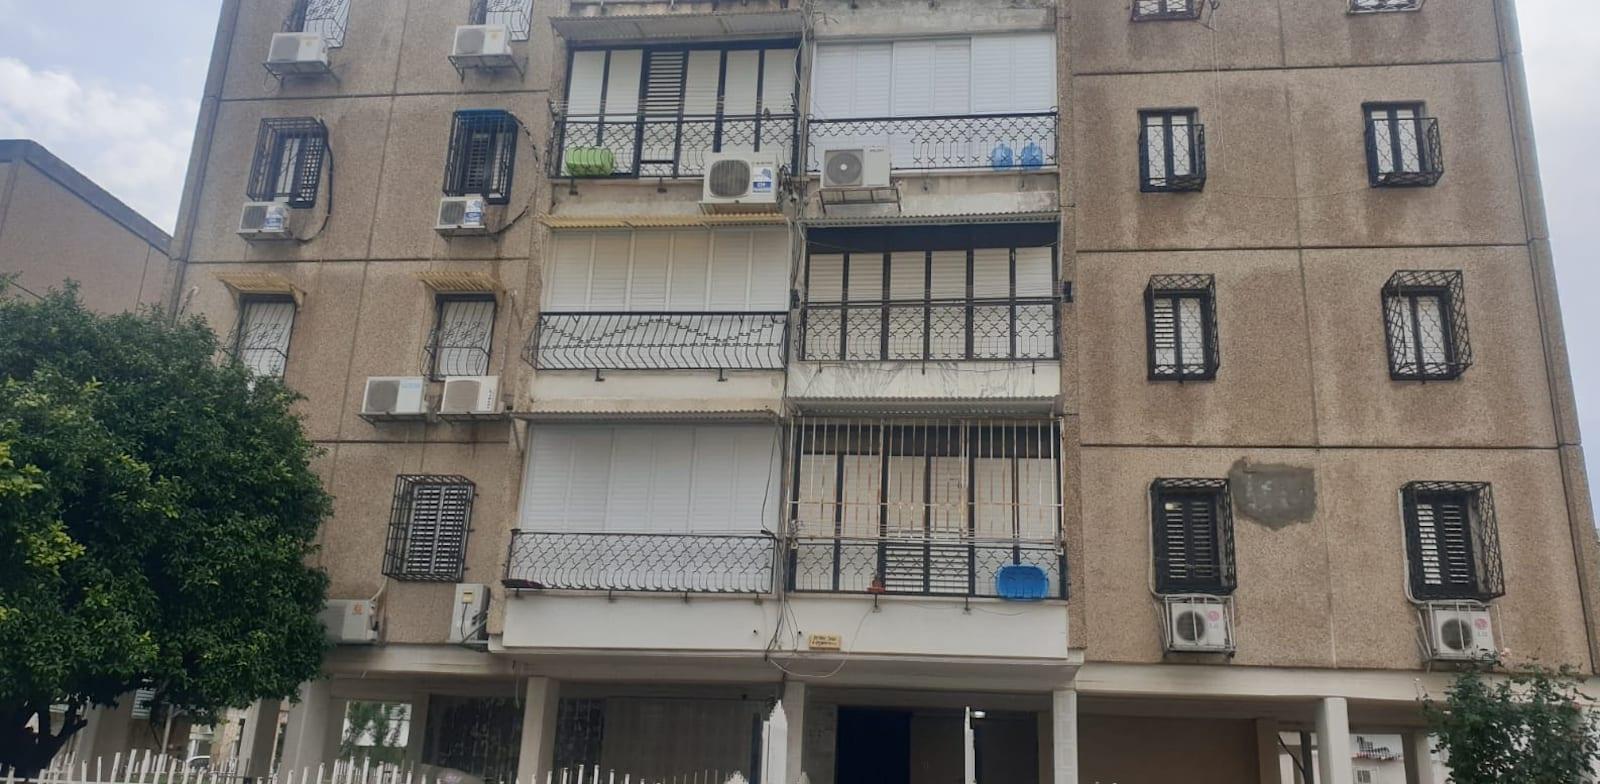 הדירה ברחוב פיינשטיין / צילום: חיים סגל